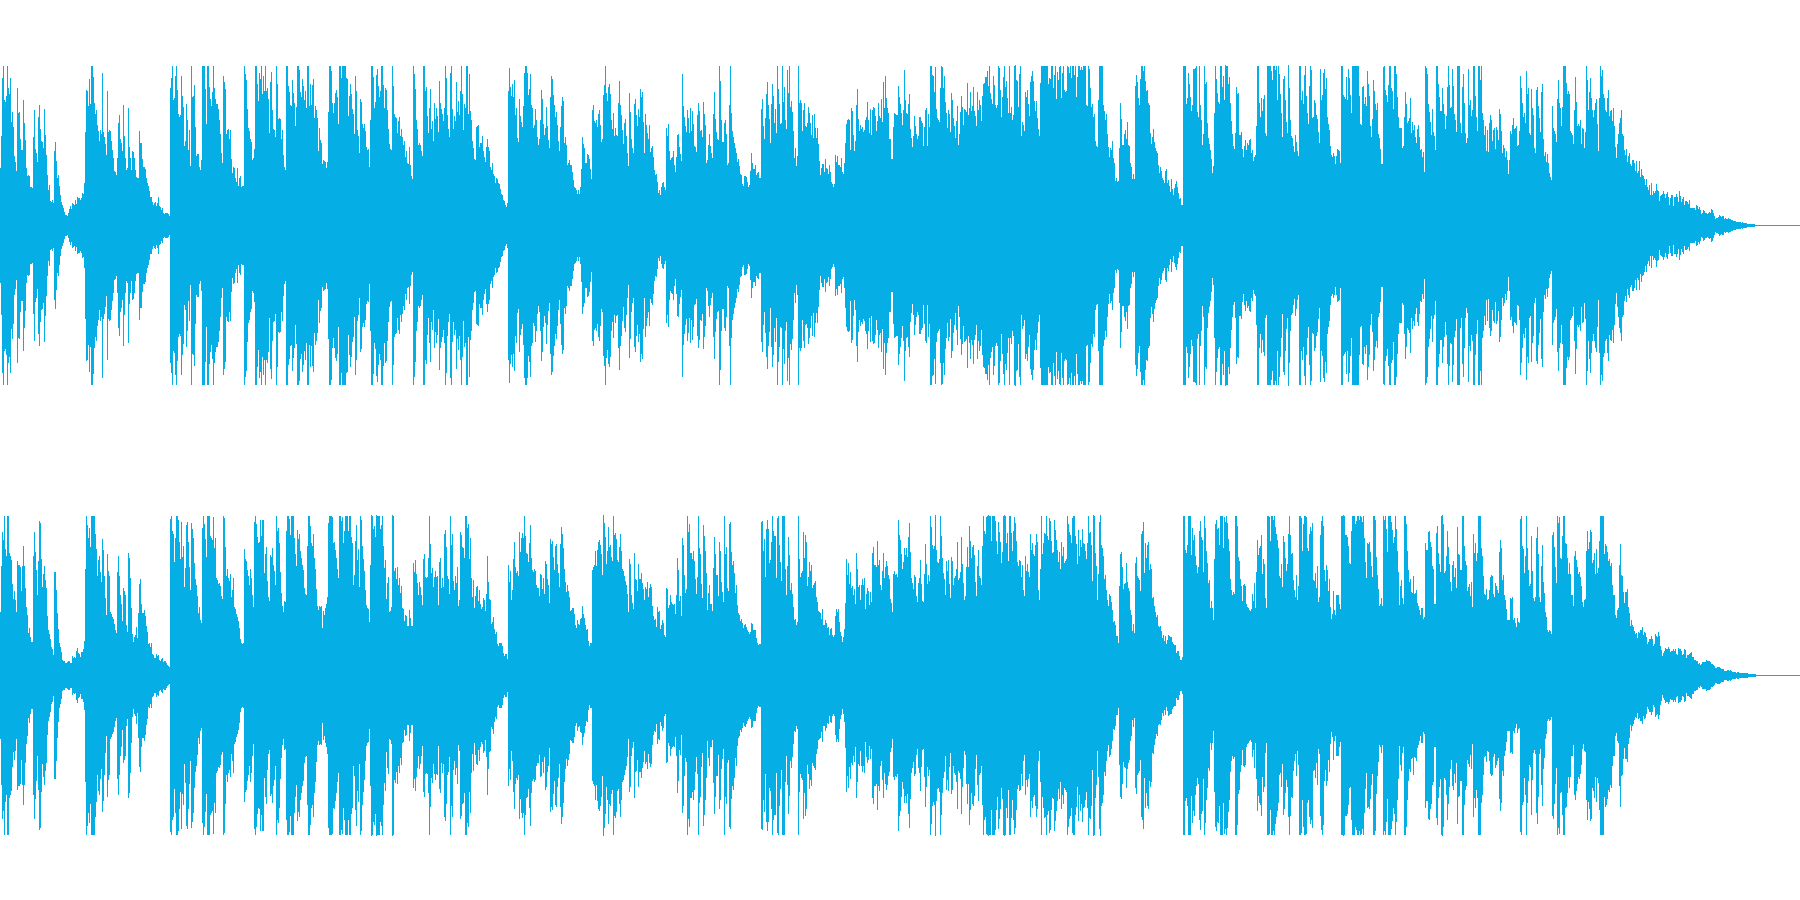 美しいピアノとストリングスのヒーリングの再生済みの波形